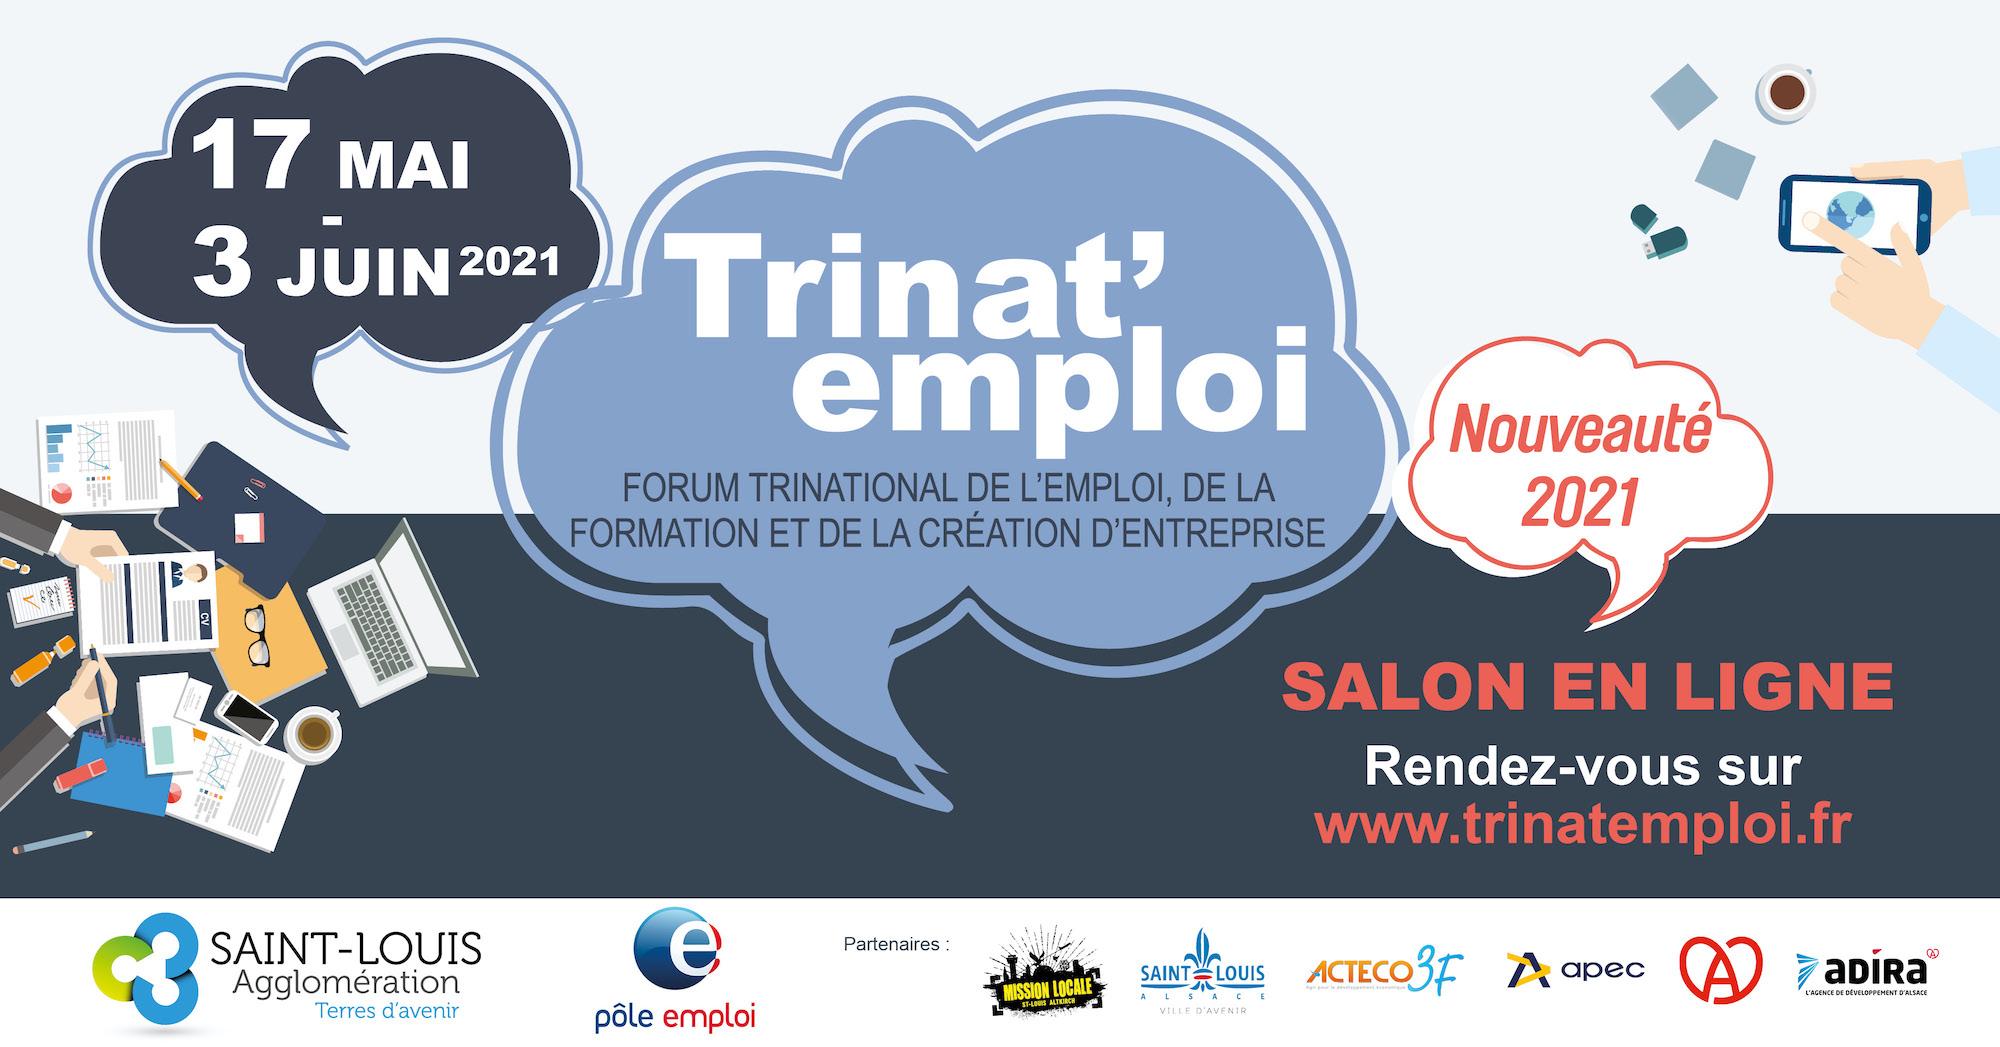 salon-trinat-emploi-saint-louis-2021